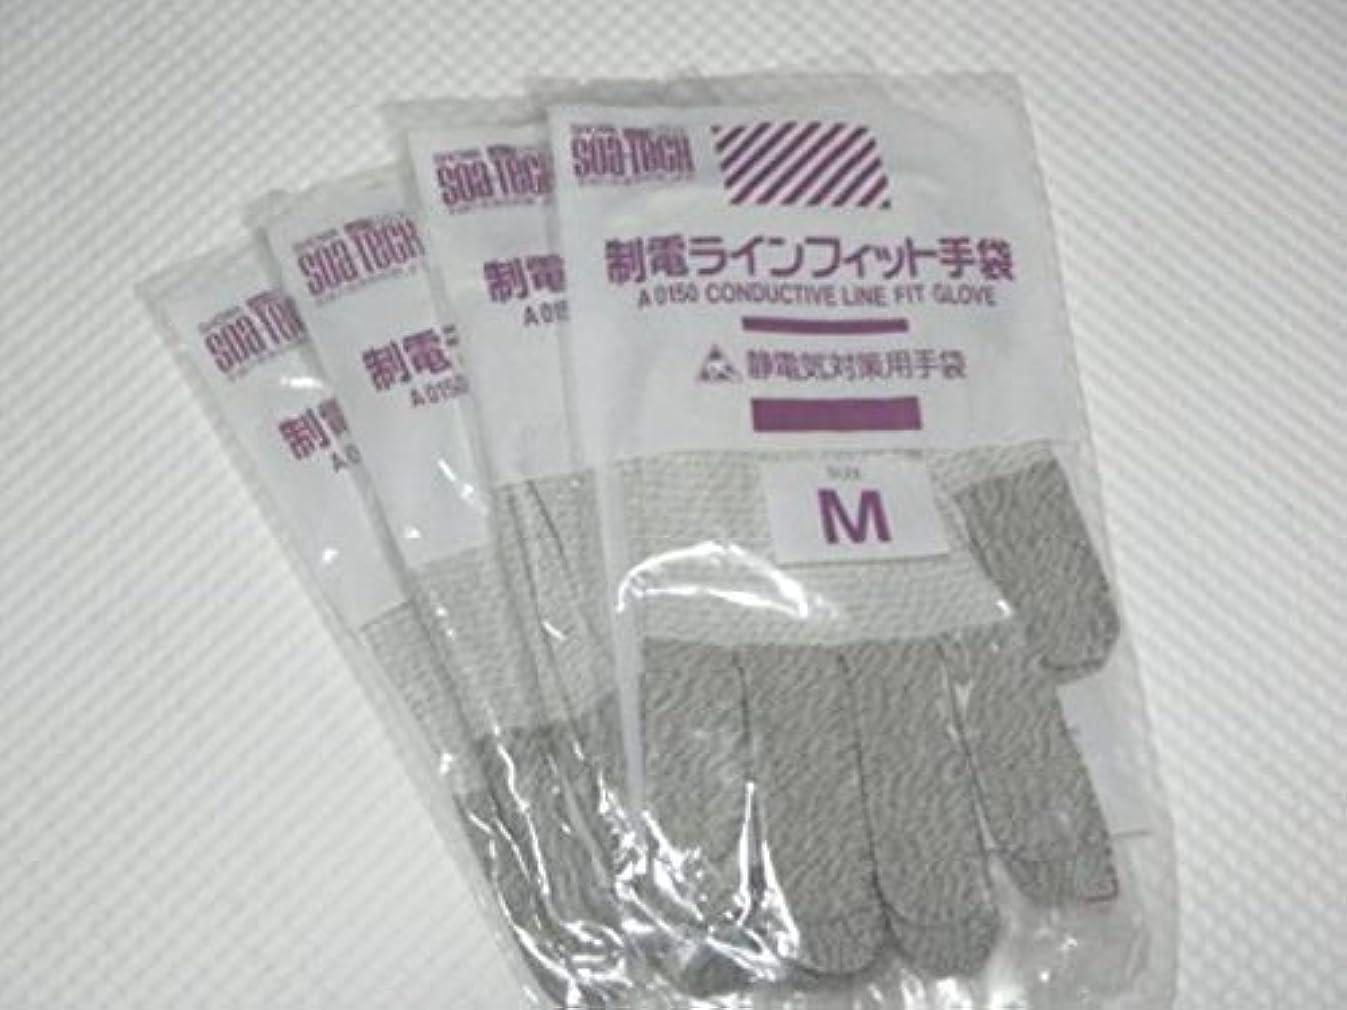 承認するうめきレディショーワグローブ 制電ラインフィット手袋 Mサイズ A0150-M②